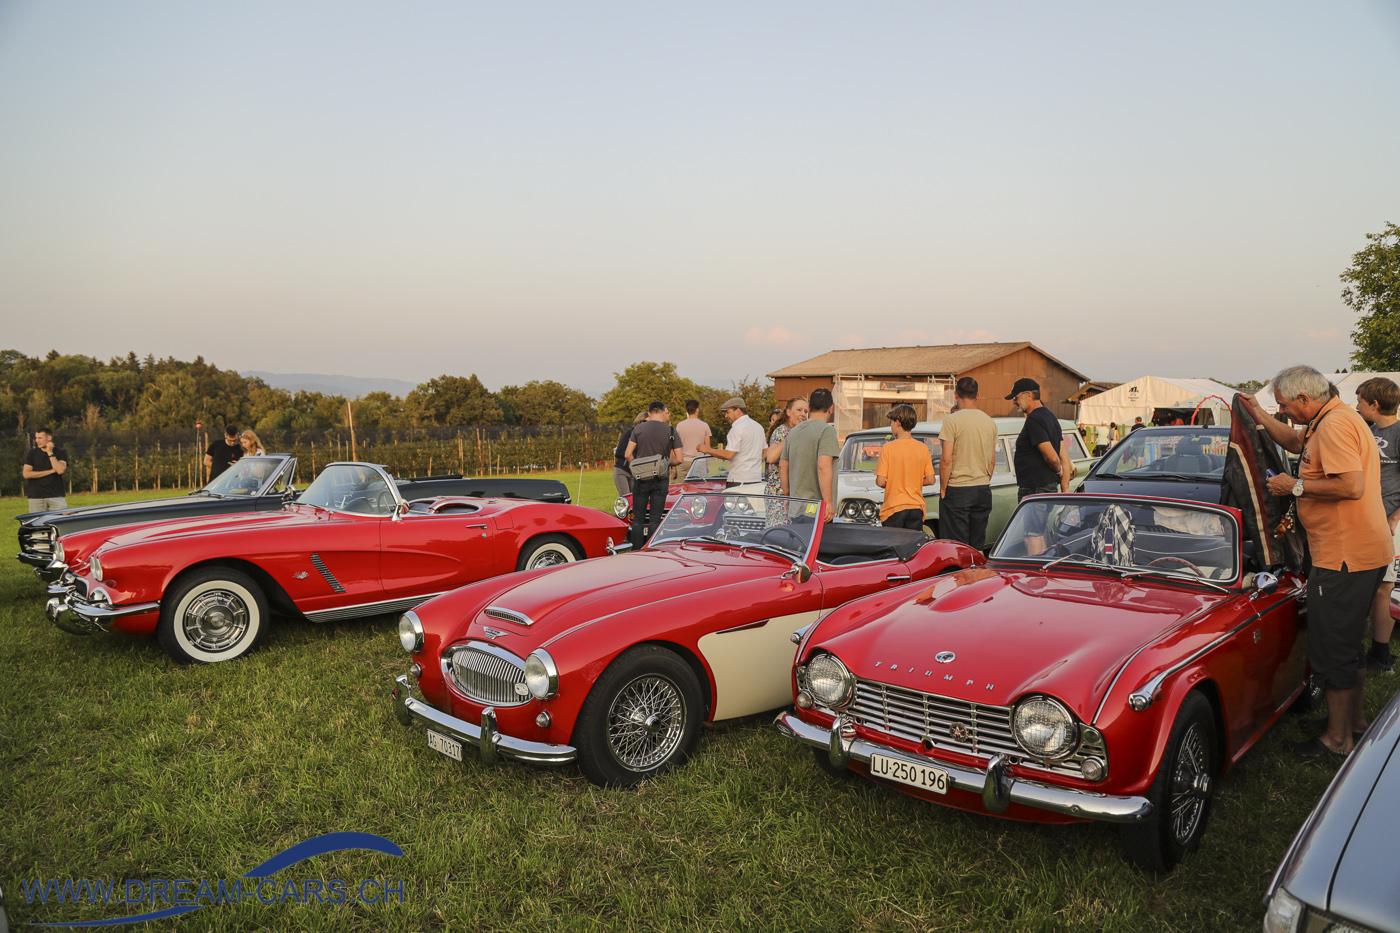 Autokino Muri AG, 22. Juli 2021. In der Abendsonne kommen die vielen Oldtimer besonders gut zur Geltung.